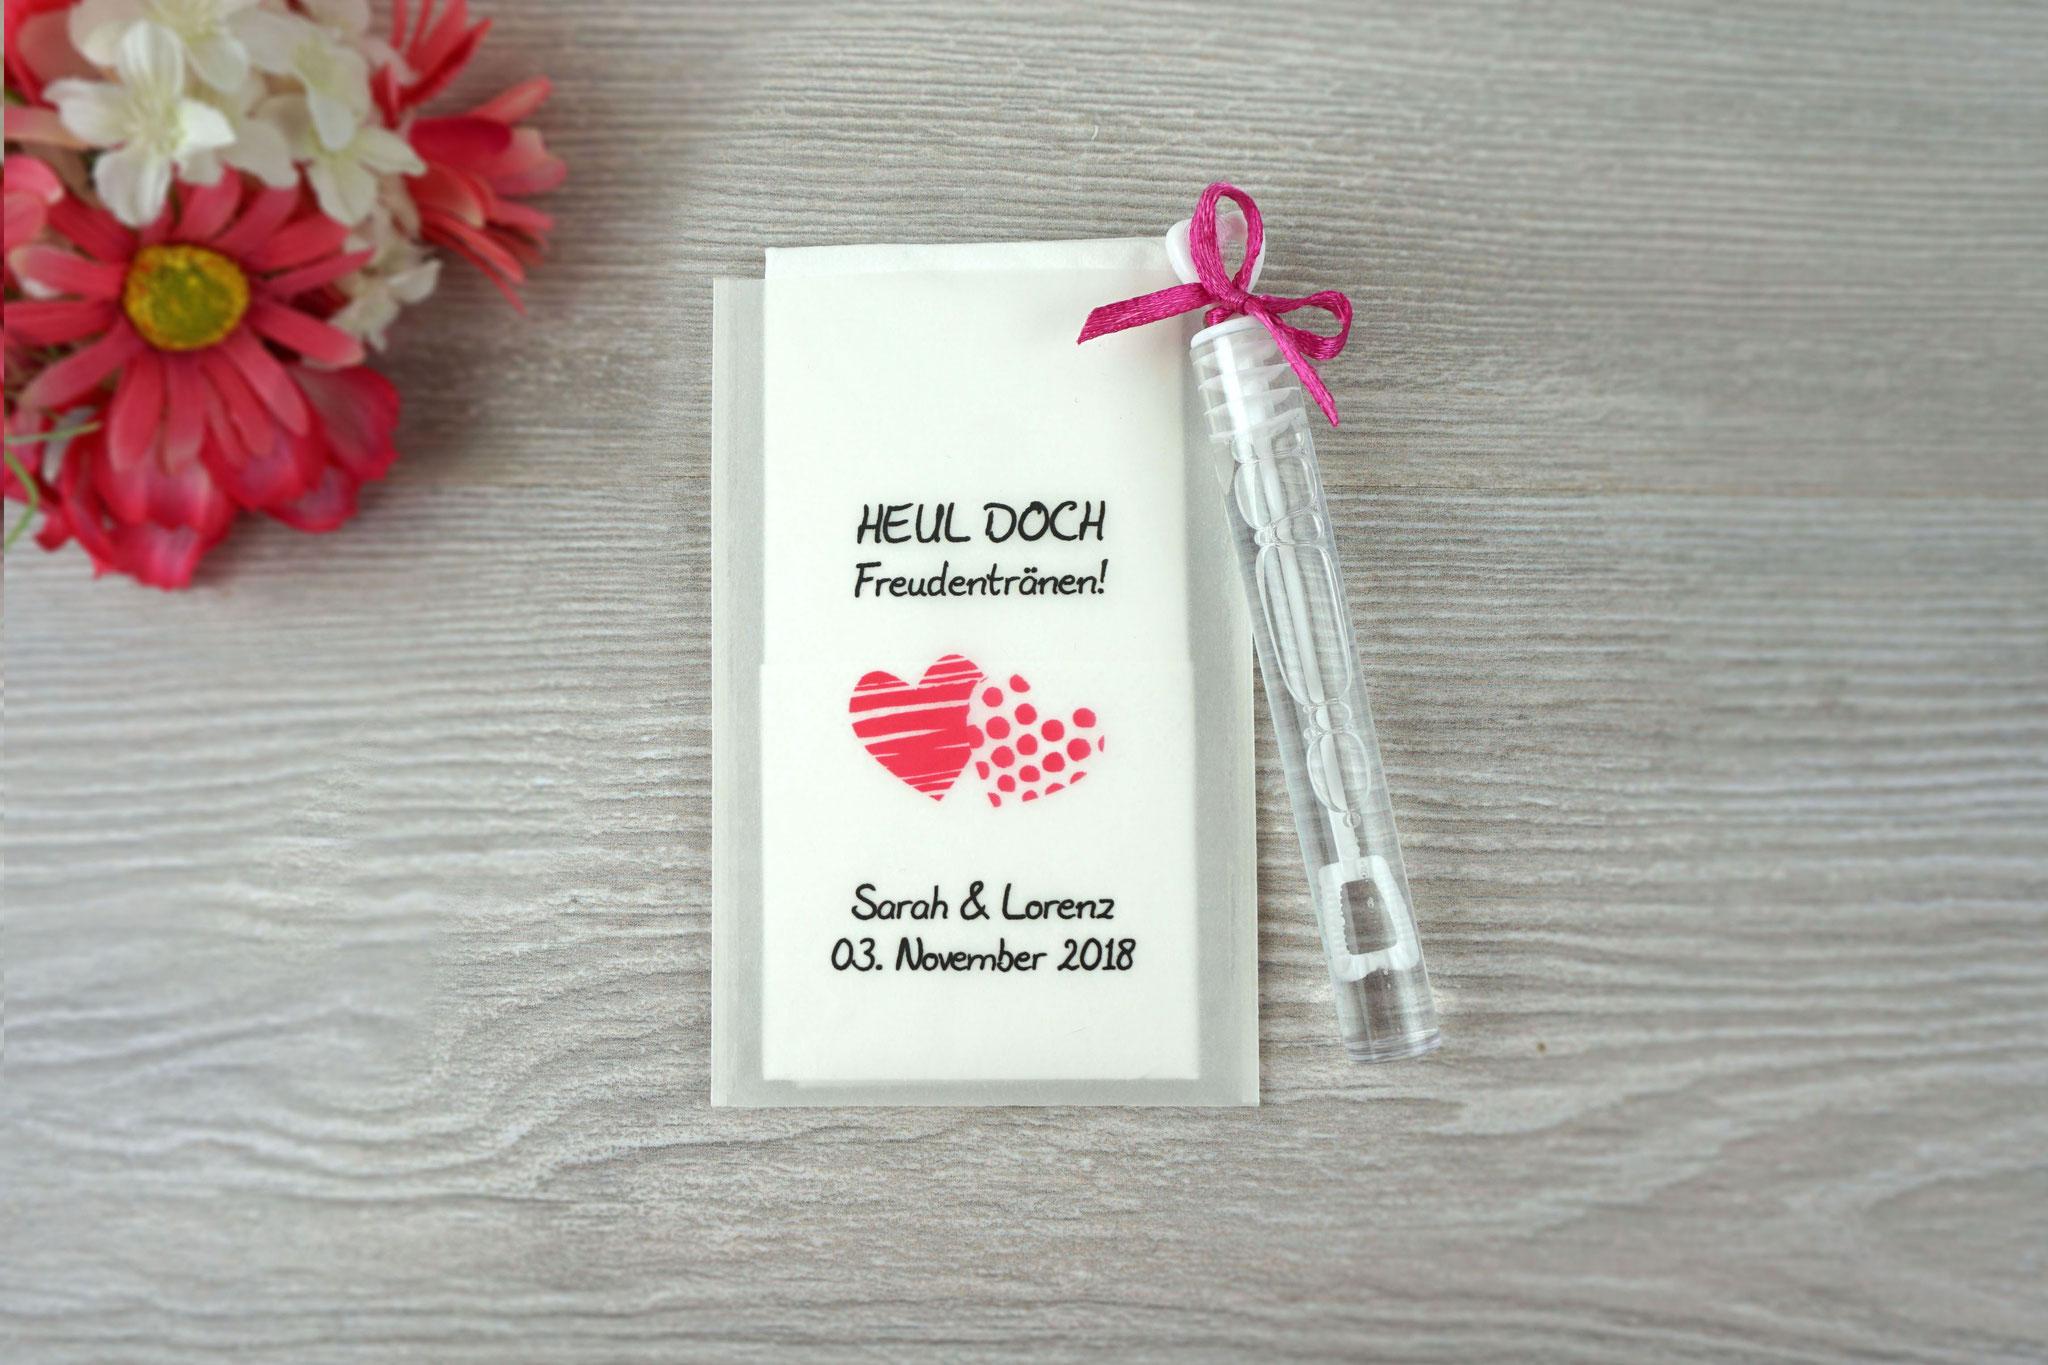 Freudentränen Taschentücher mit Seifenblasen, Design Zwei Herzen, Farbe pink, Satinband